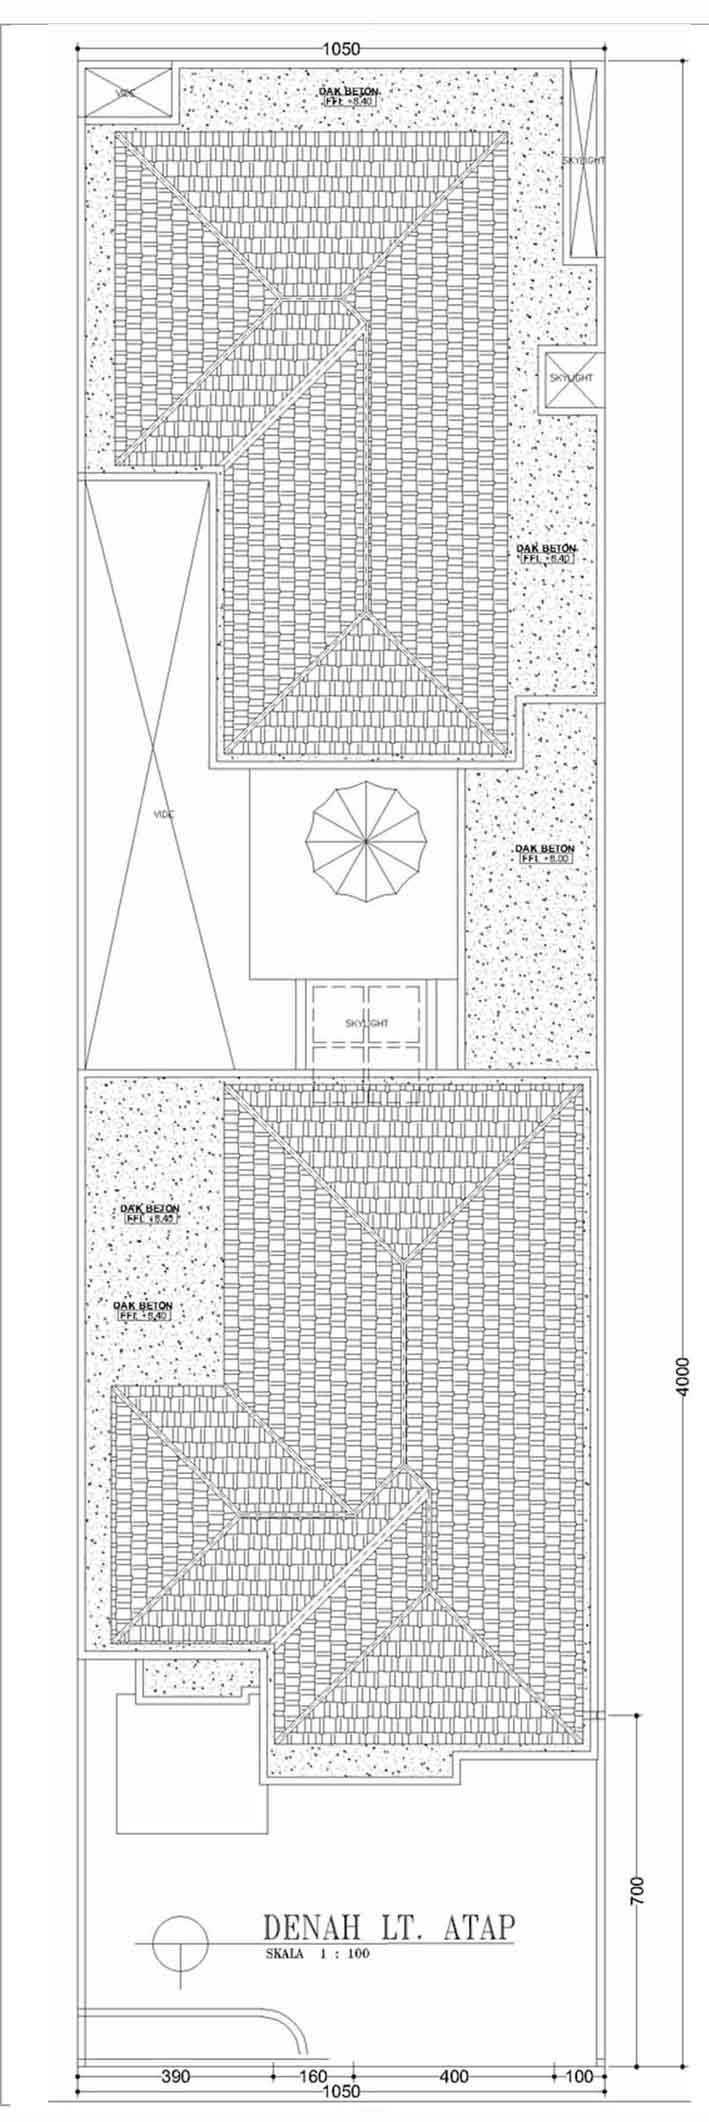 Alfaiz Design Rumah Klasik @ Tebet Kec. Tebet, Kota Jakarta Selatan, Daerah Khusus Ibukota Jakarta, Indonesia Kec. Tebet, Kota Jakarta Selatan, Daerah Khusus Ibukota Jakarta, Indonesia Alfaiz-Design-Rumah-Klasik-Tebet  101619